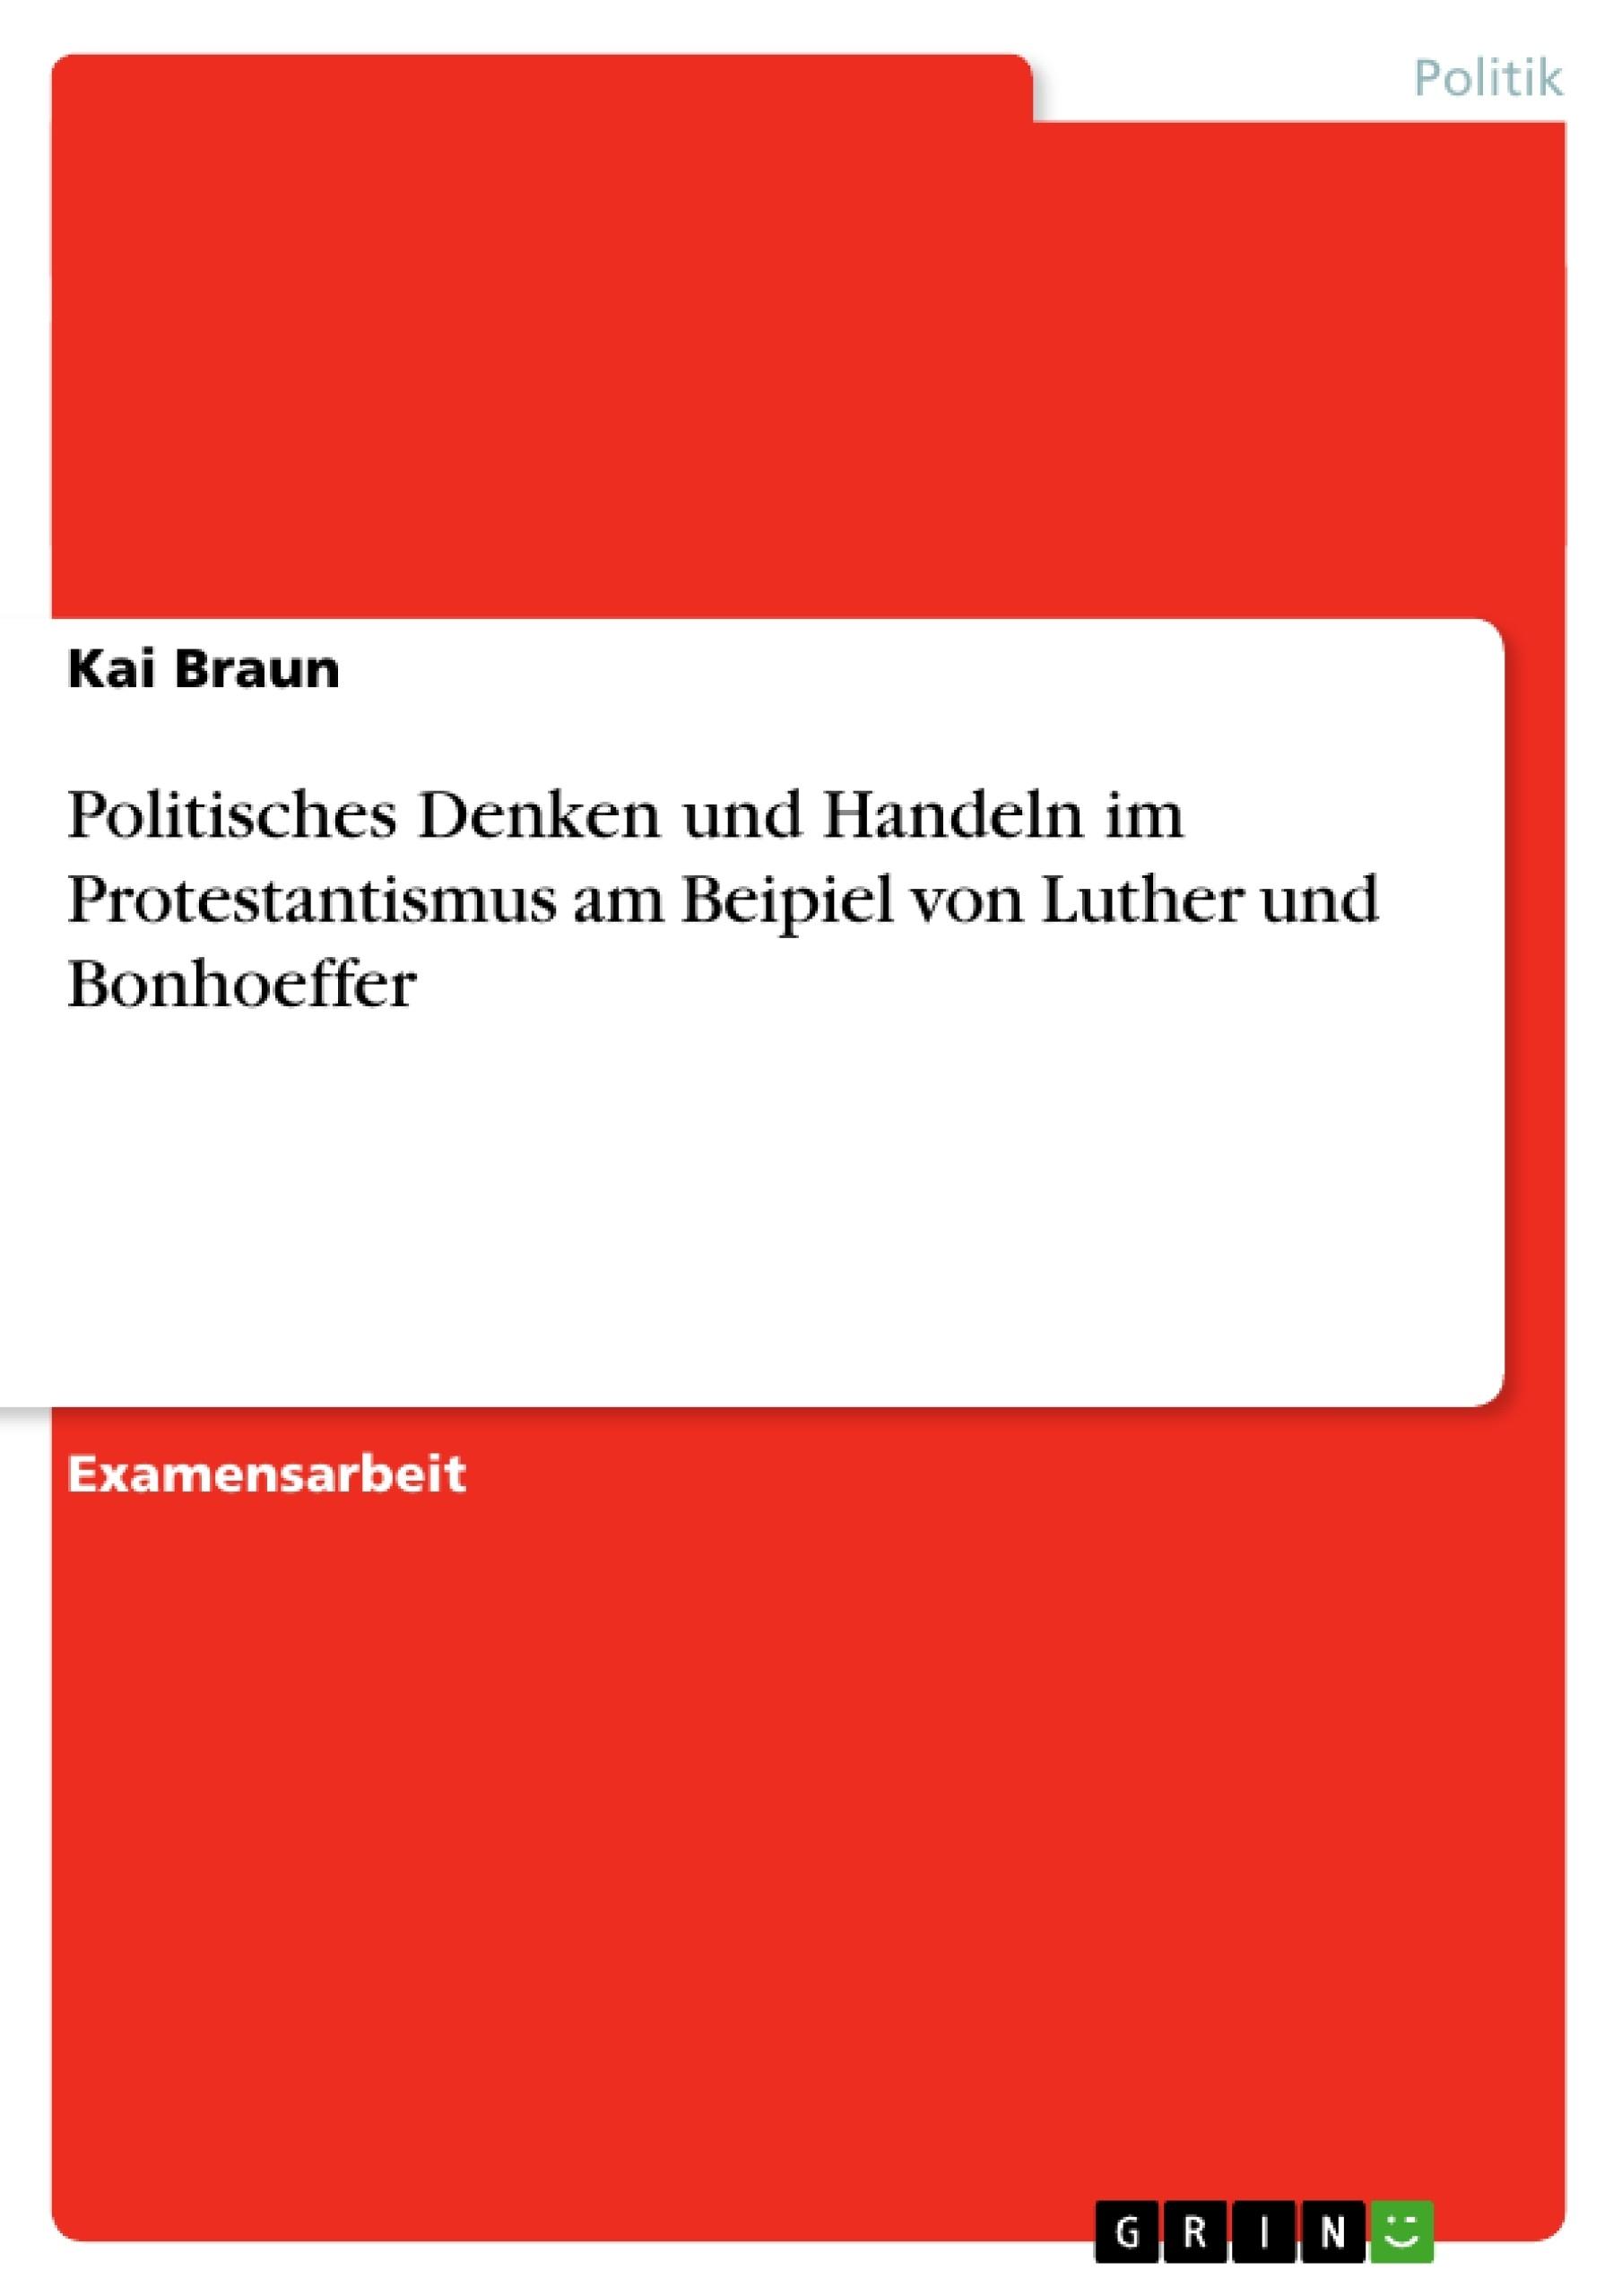 Titel: Politisches Denken und Handeln im Protestantismus am Beipiel von Luther und Bonhoeffer